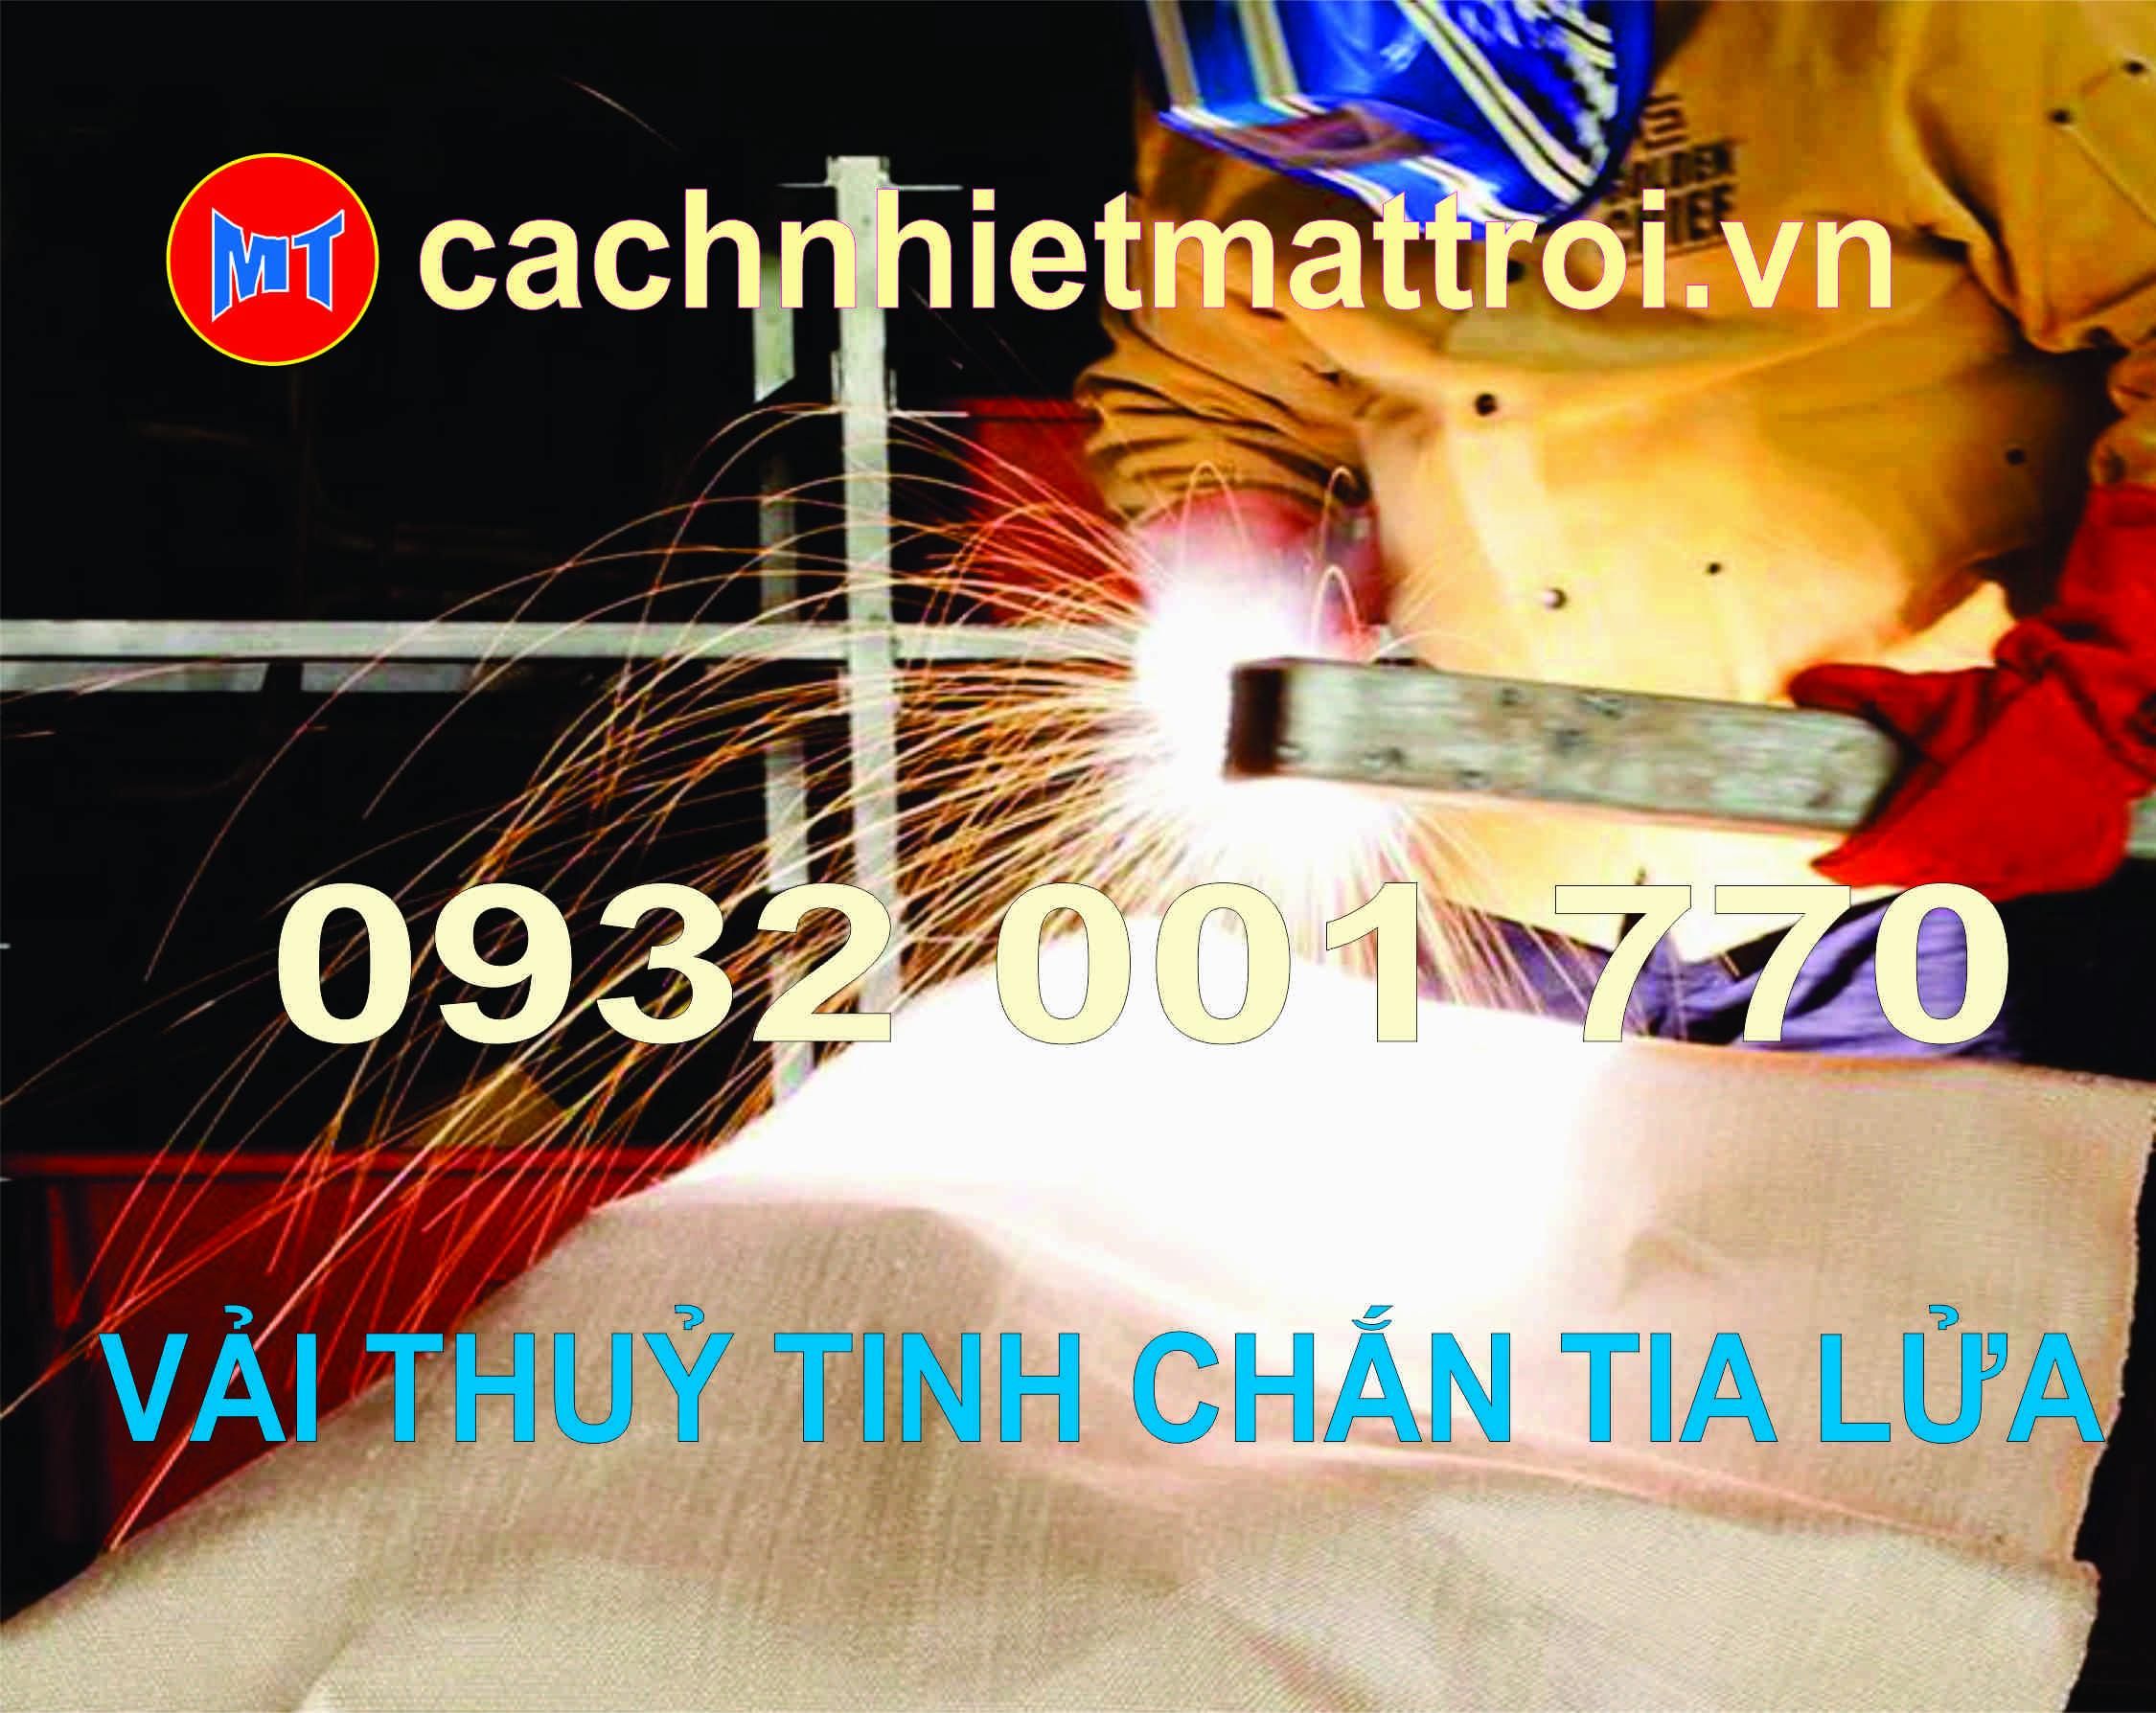 hình ảnh sản phẩm VẢI BẠT CHỐNG CHÁY SỢI THUỶ TINH